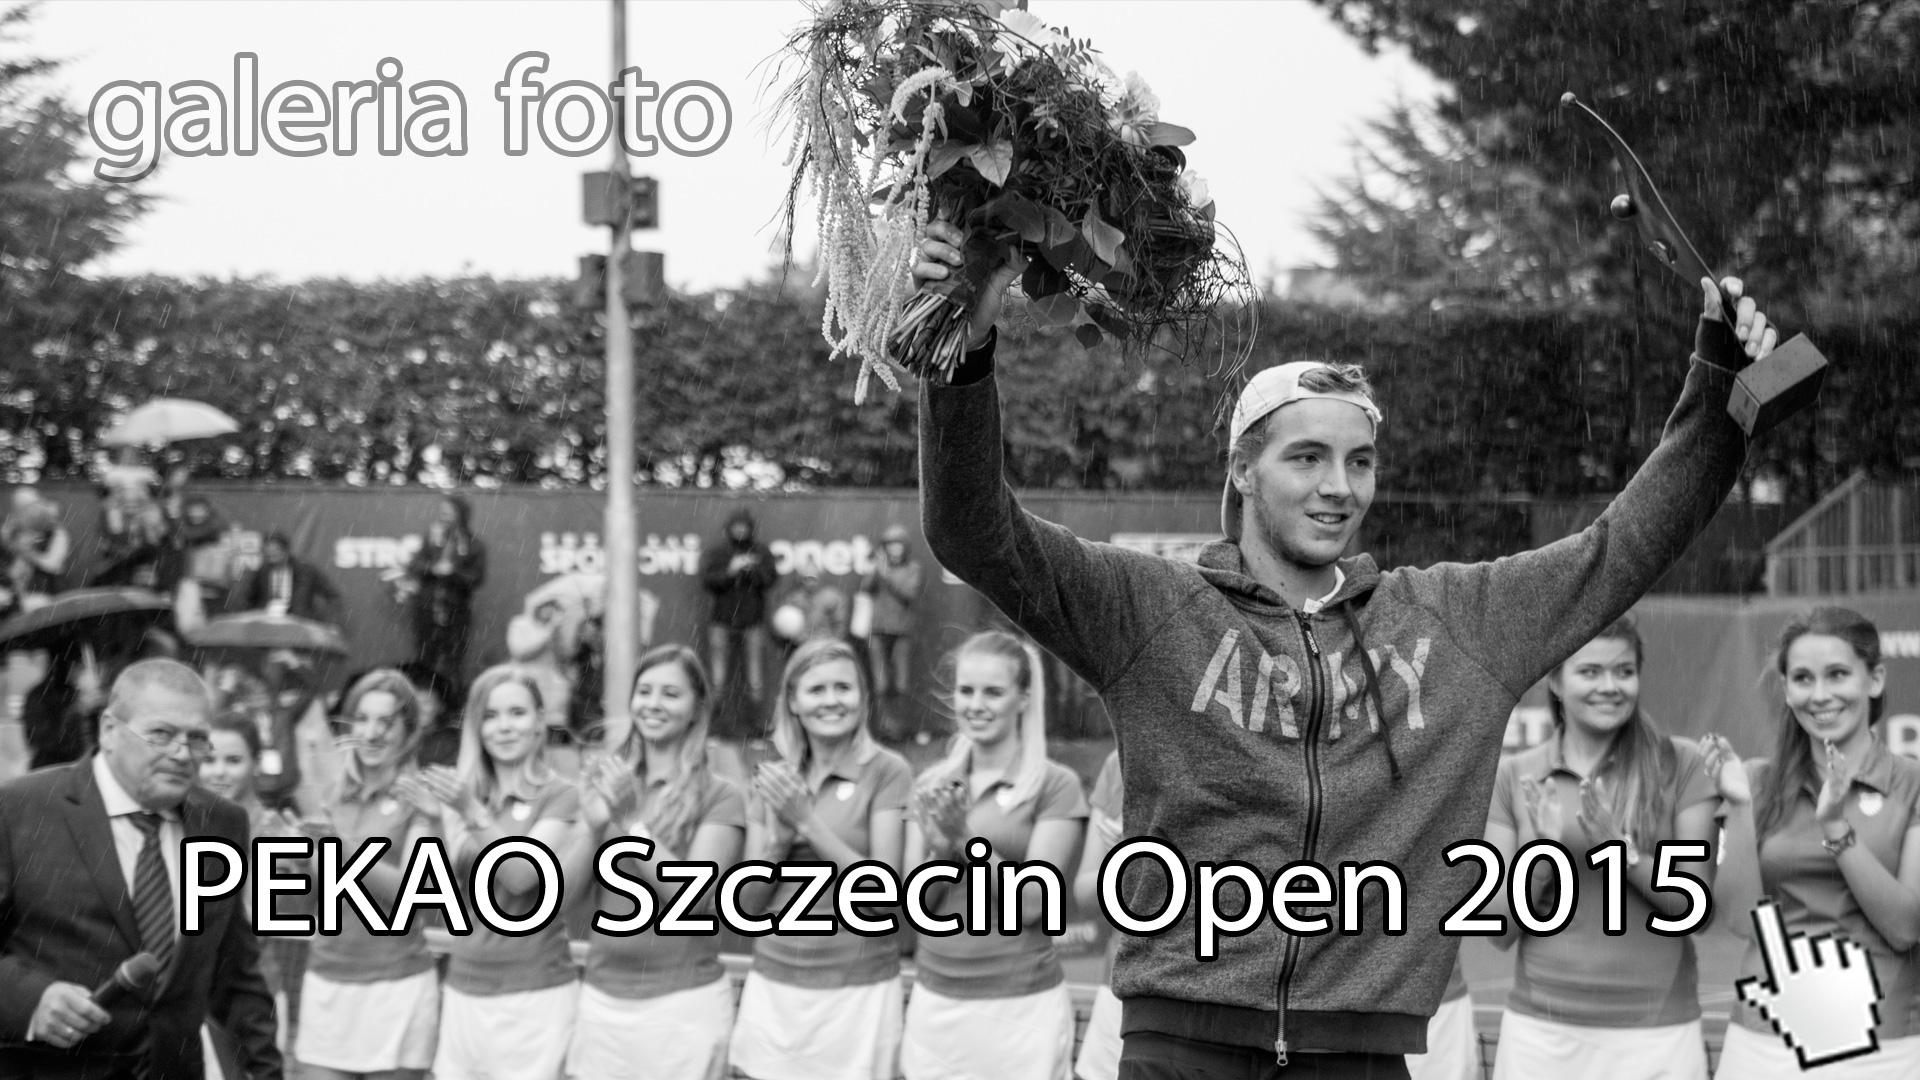 Szczecin. FOTOREPORTAŻ. 14-20.09.2015. Turniej Tenisowy ATP PEKAO Szczecin Open 2015